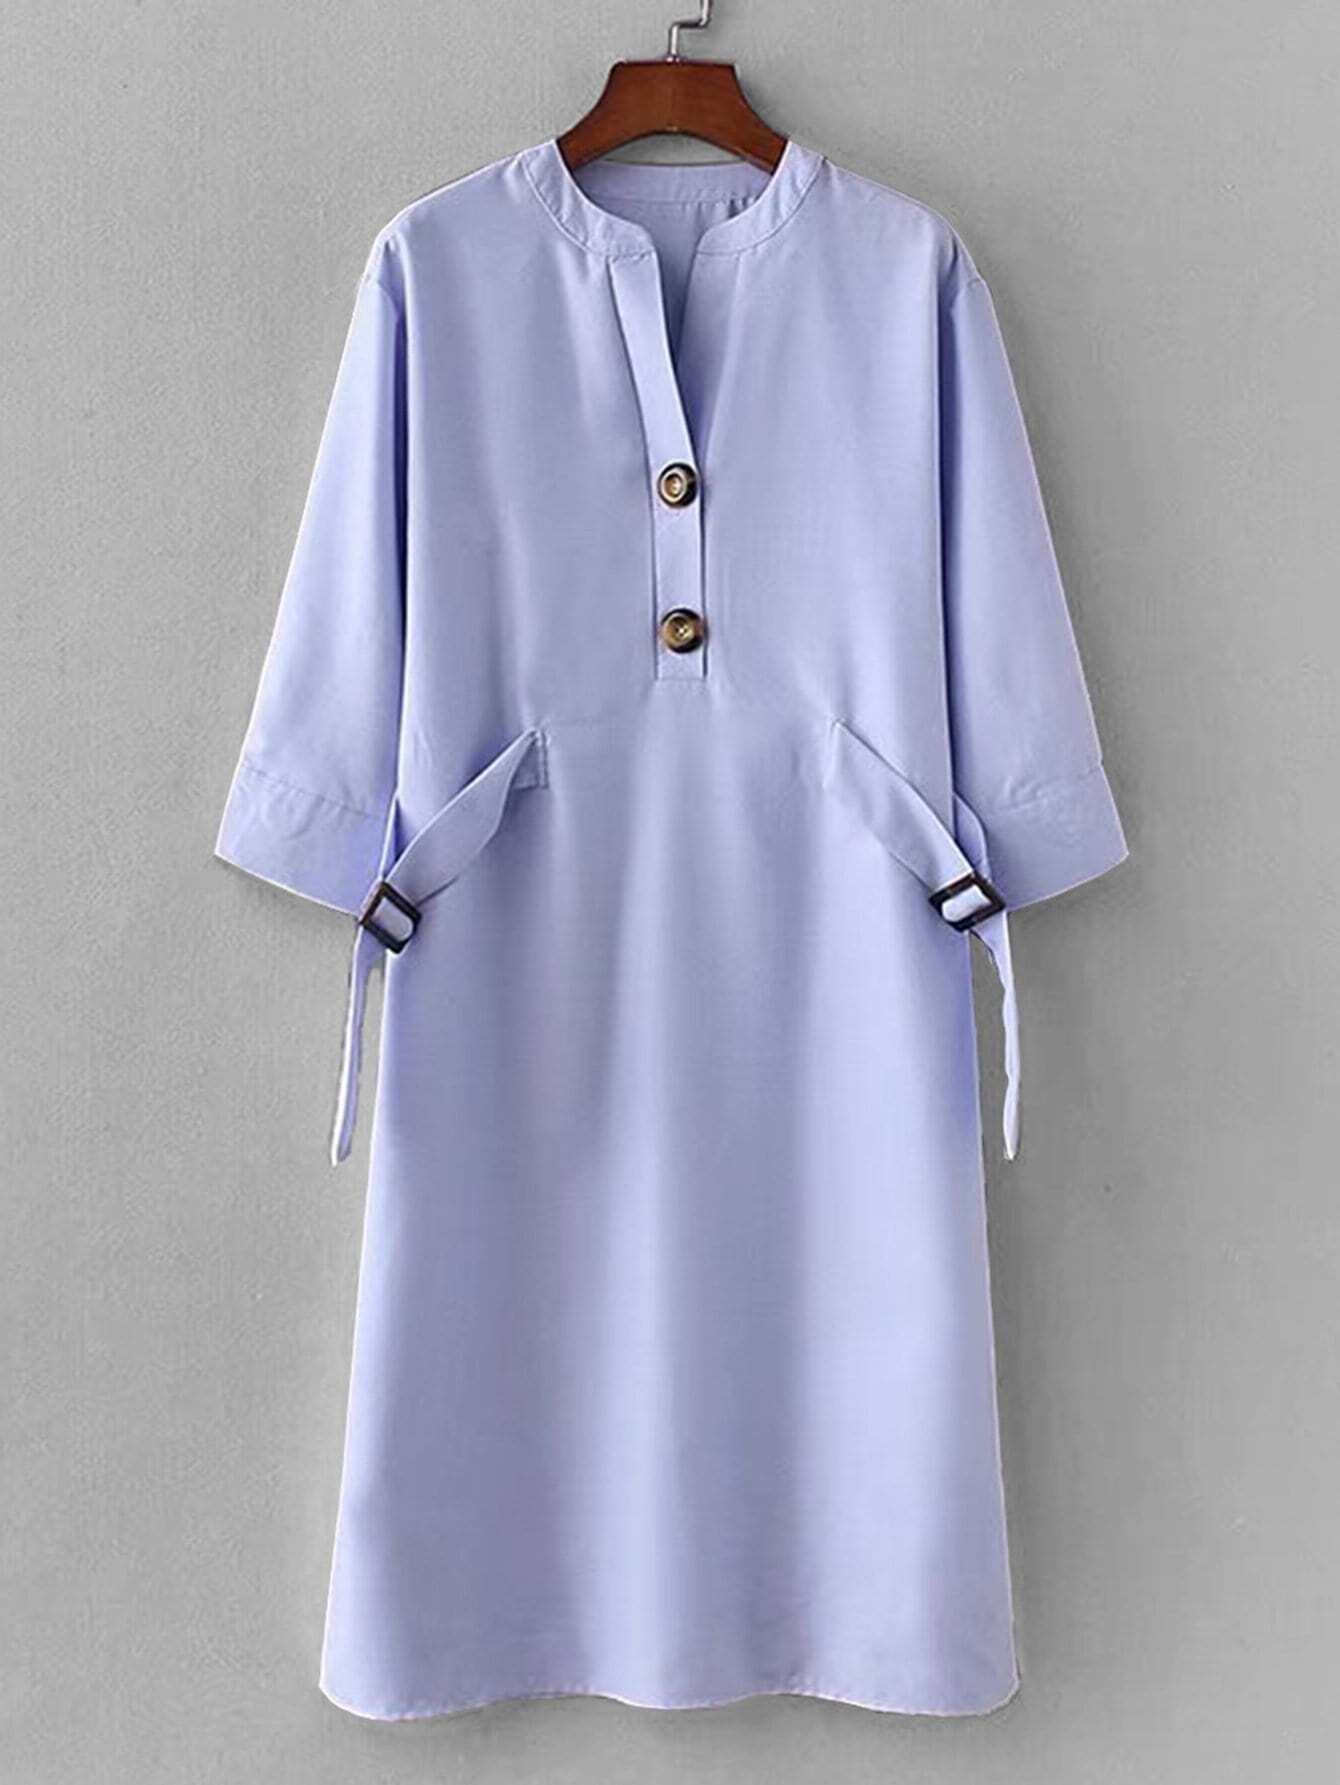 Платье с украшением пуговицы и застёжки, null, SheIn  - купить со скидкой